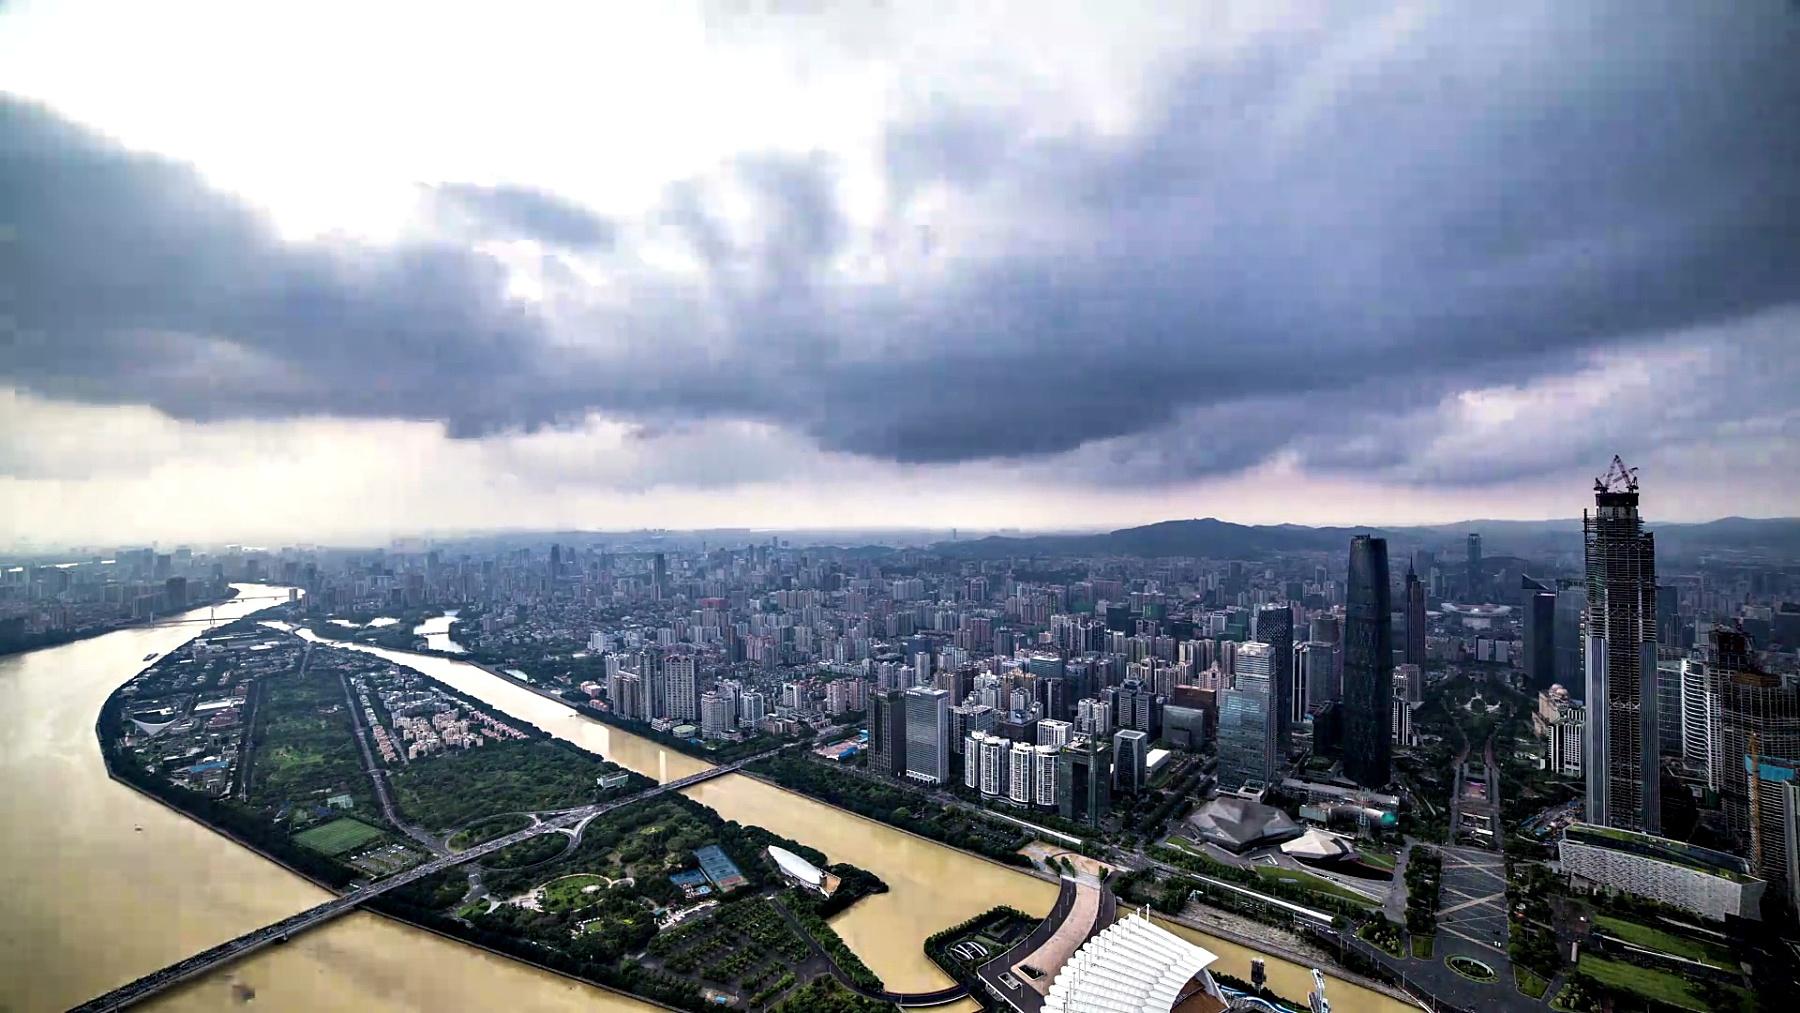 广州市暴风雨日落时间